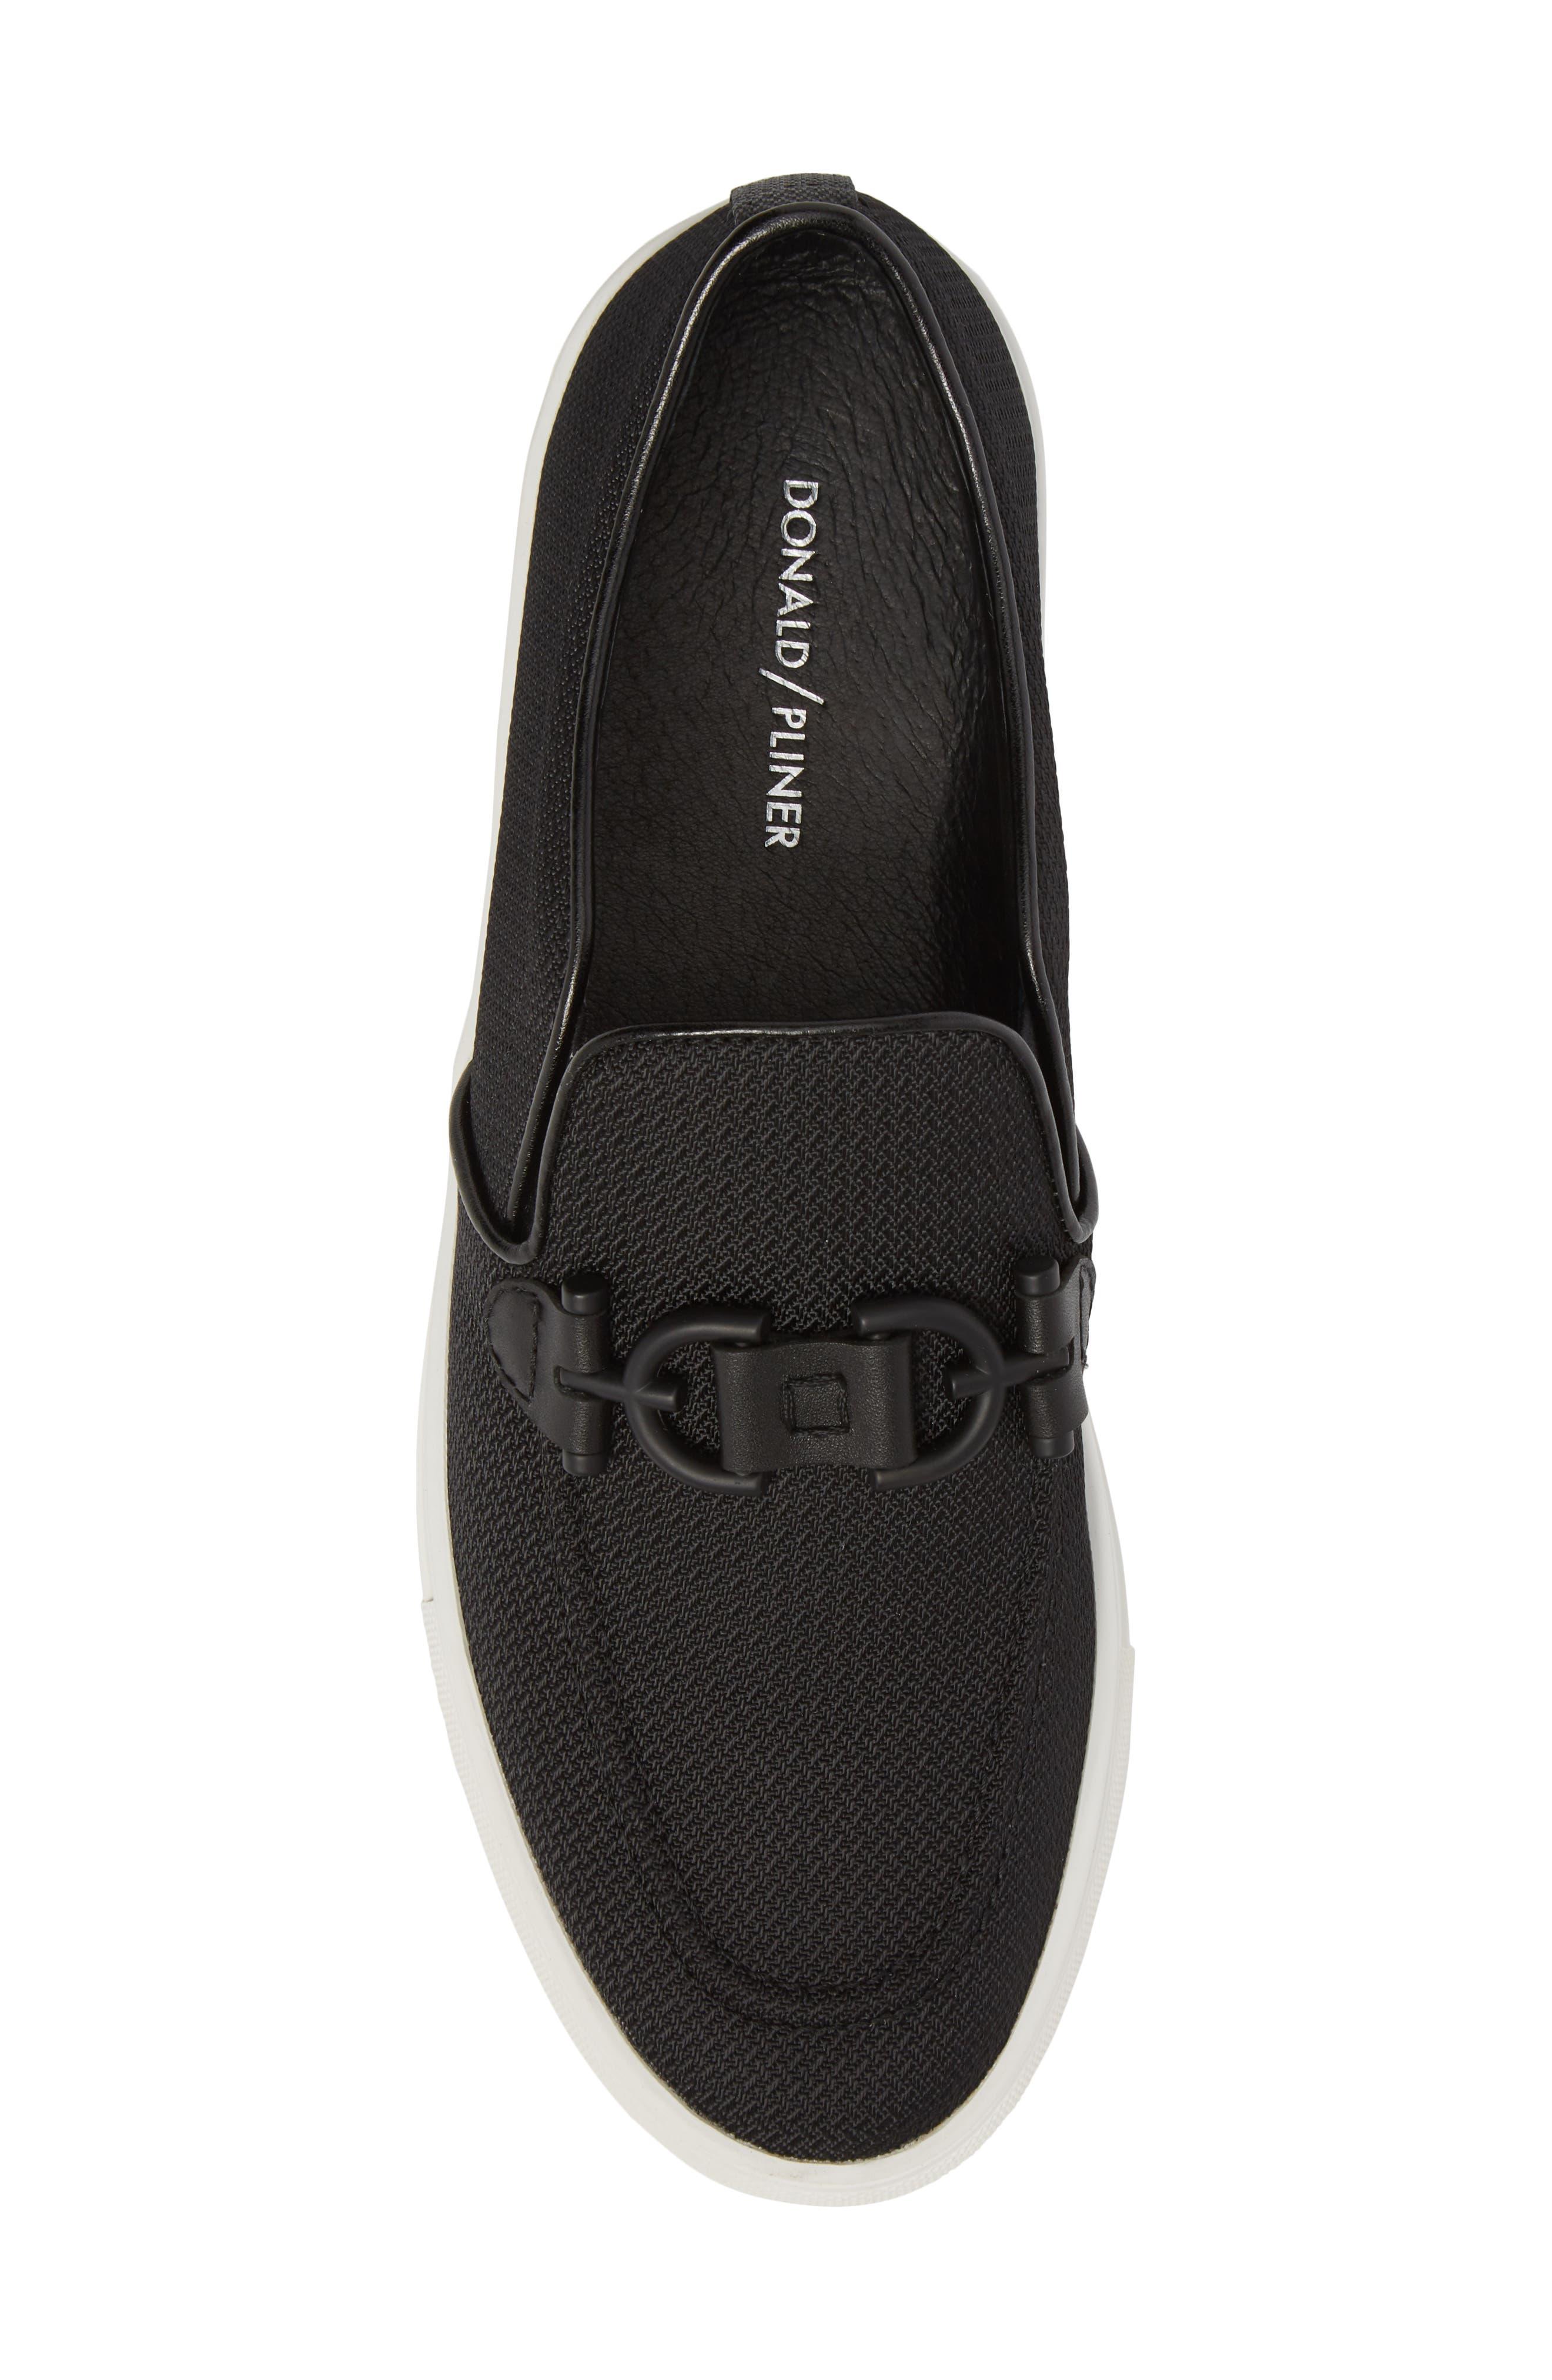 Andor Bit Slip-On Sneaker,                             Alternate thumbnail 5, color,                             Black Mesh